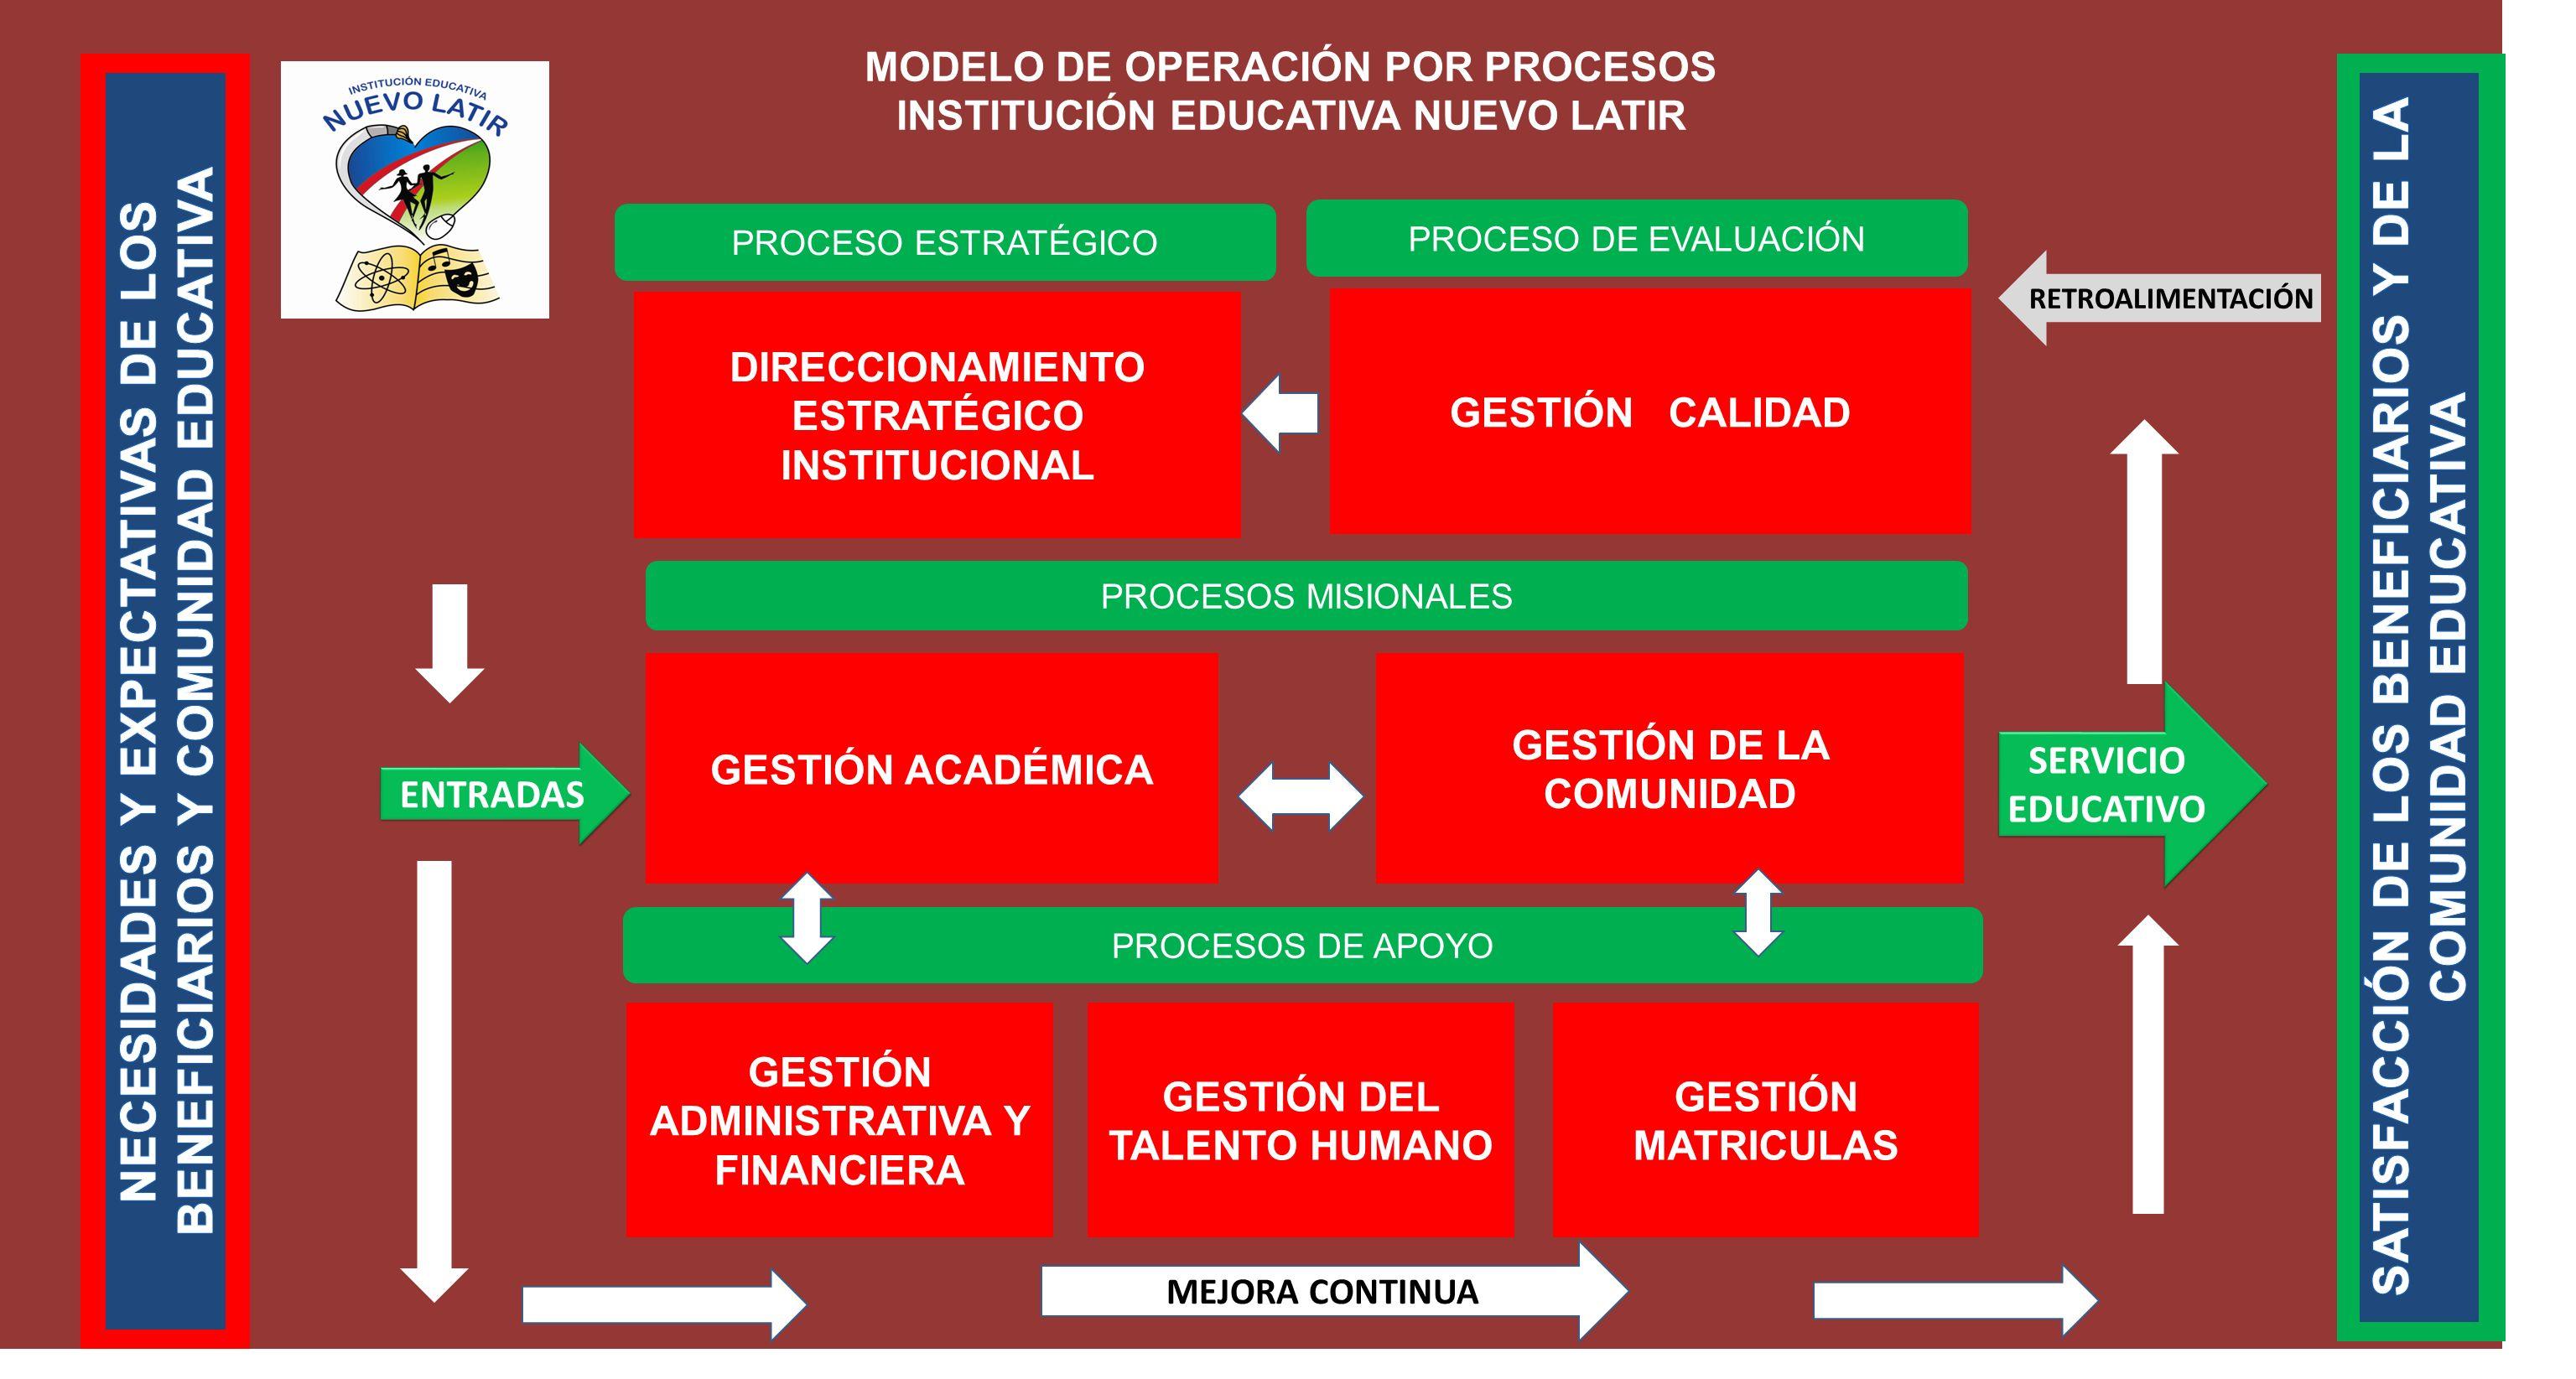 PROCESO ESTRATÉGICO SERVICIO EDUCATIVO PROCESOS MISIONALES PROCESOS DE APOYO DIRECCIONAMIENTO ESTRATÉGICO INSTITUCIONAL GESTIÓN ACADÉMICA GESTIÓN DE L